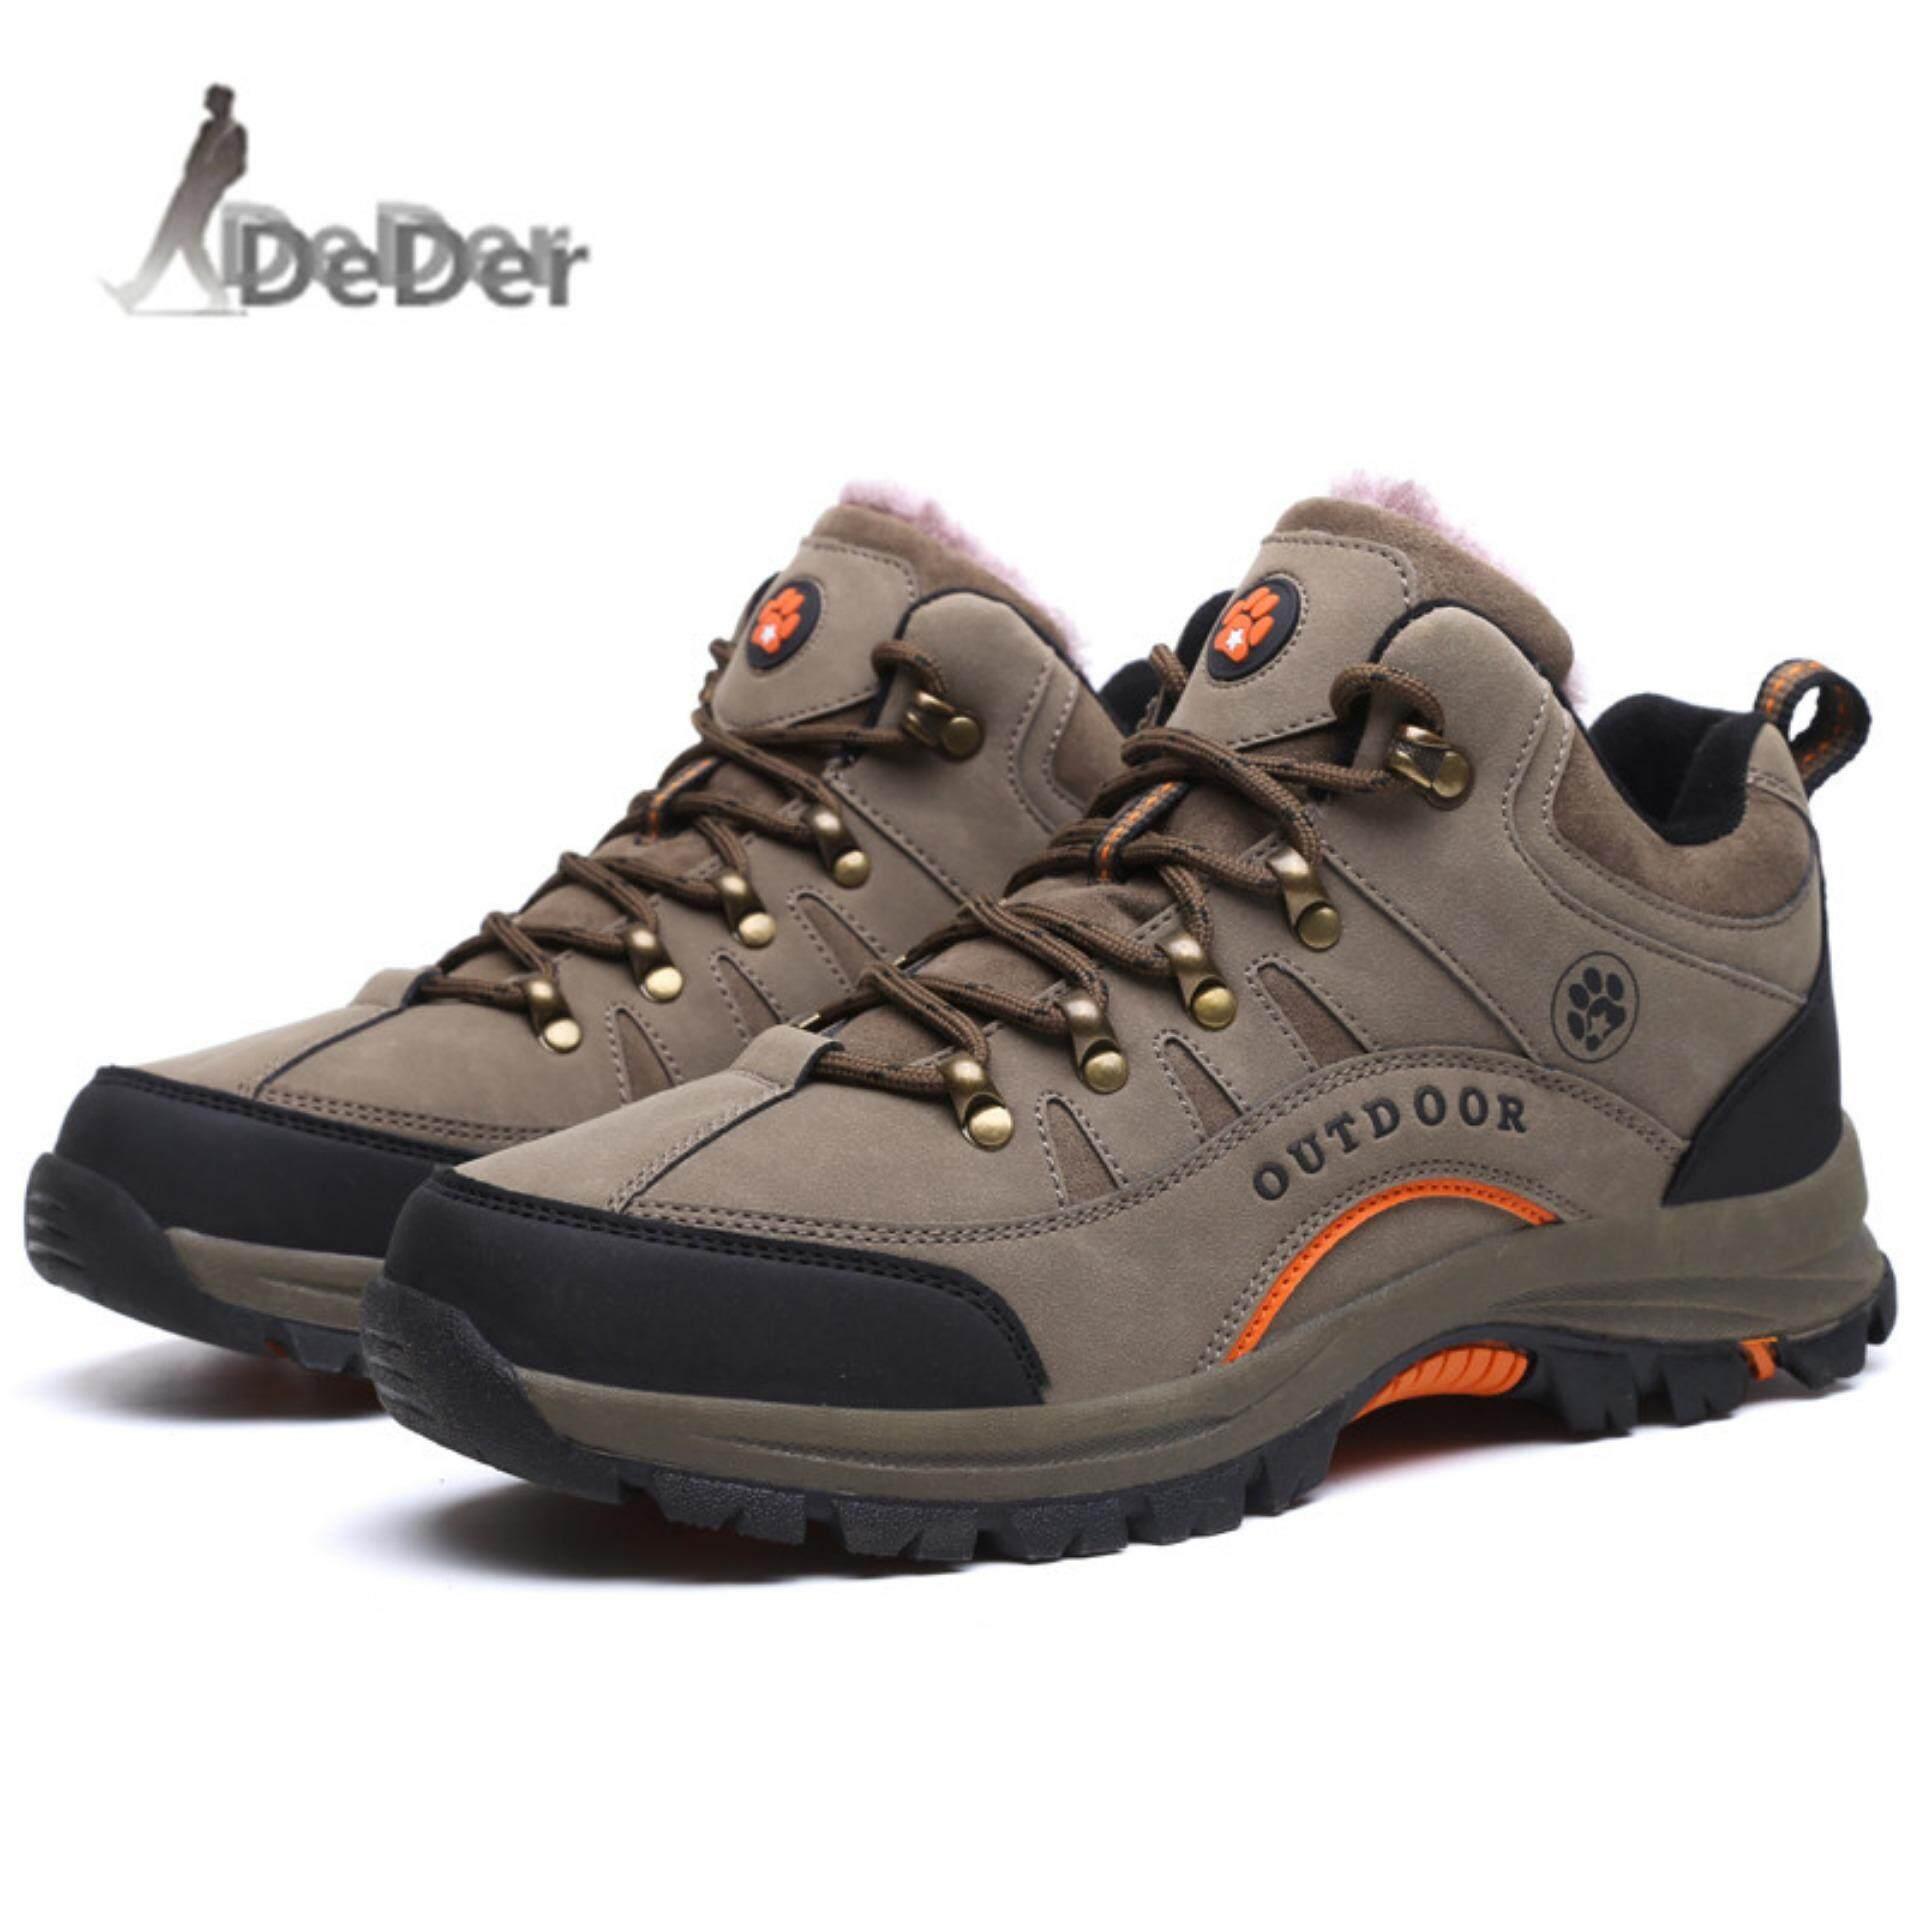 Pencarian Termurah Deder Pria Sepatu Mendaki Musim Dingin Luar Ruangan  Berjalan Sepatu Lari Gunung Sport Sepatu ee428fc904